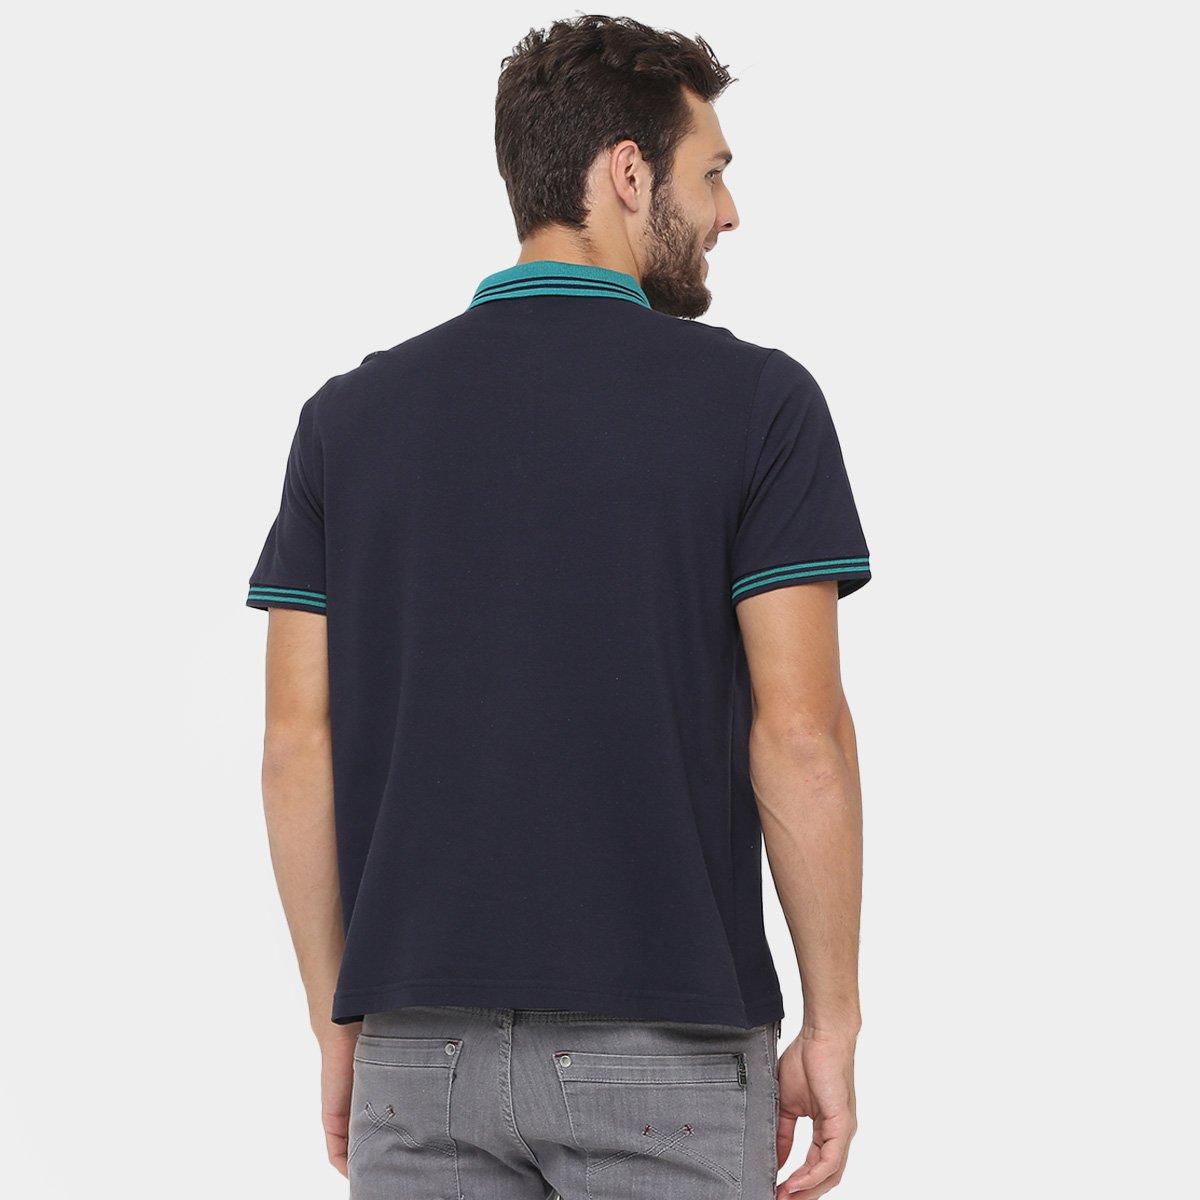 Camisa Polo M. Officer Piquet Frisos Contraste - Compre Agora  c64e433caa74e